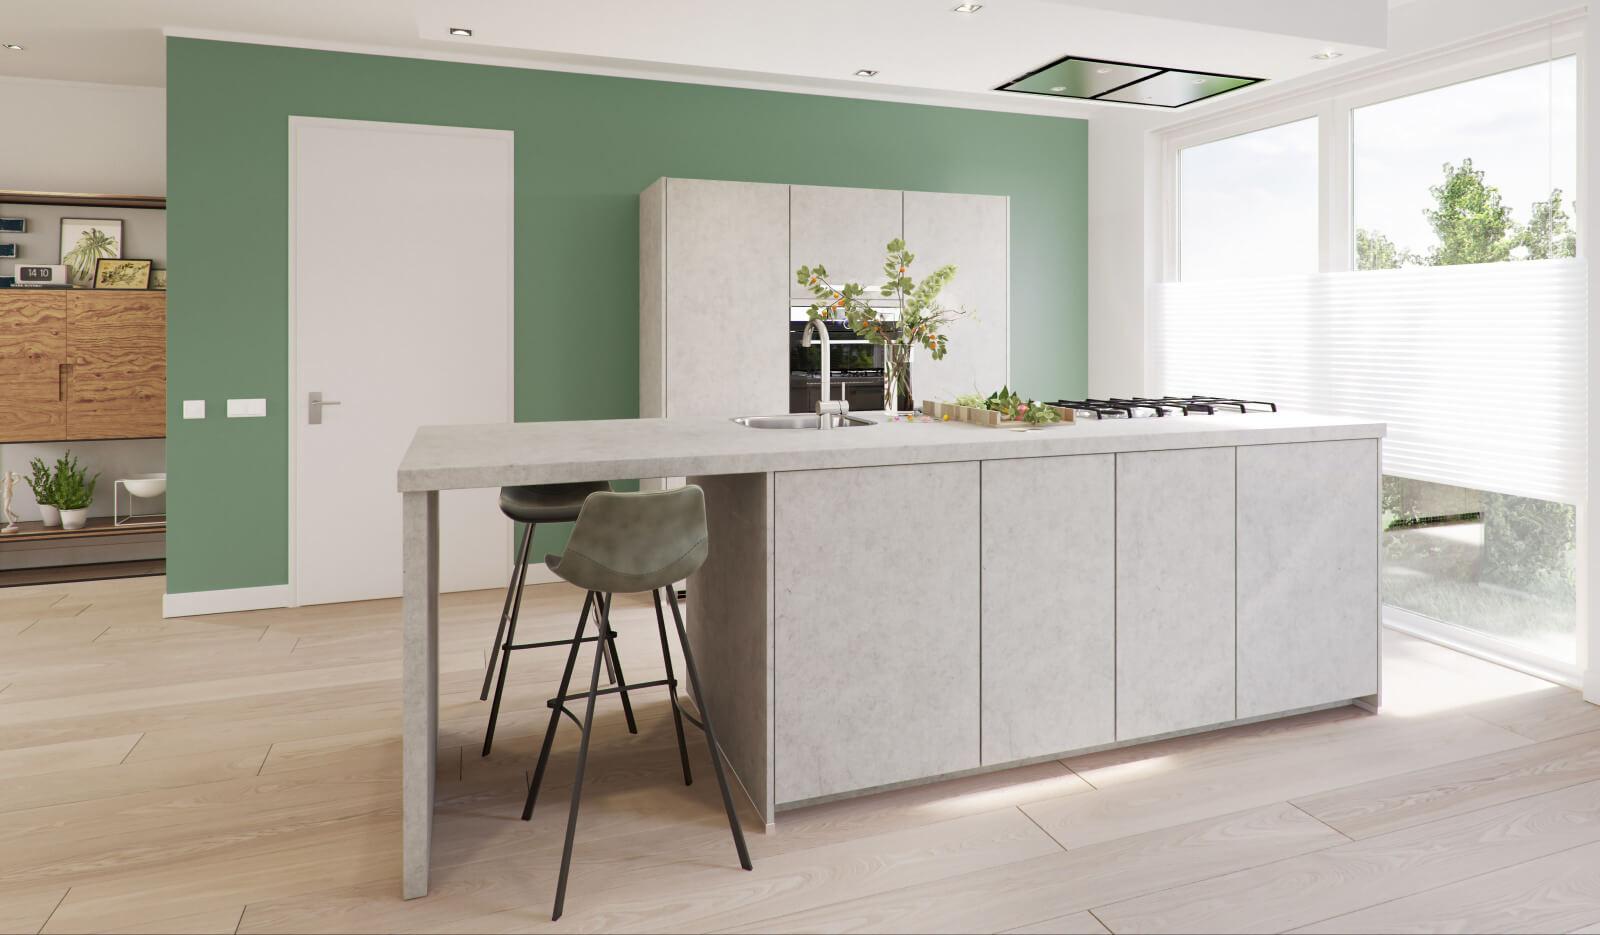 Keuken Atlas betongrijs - bar